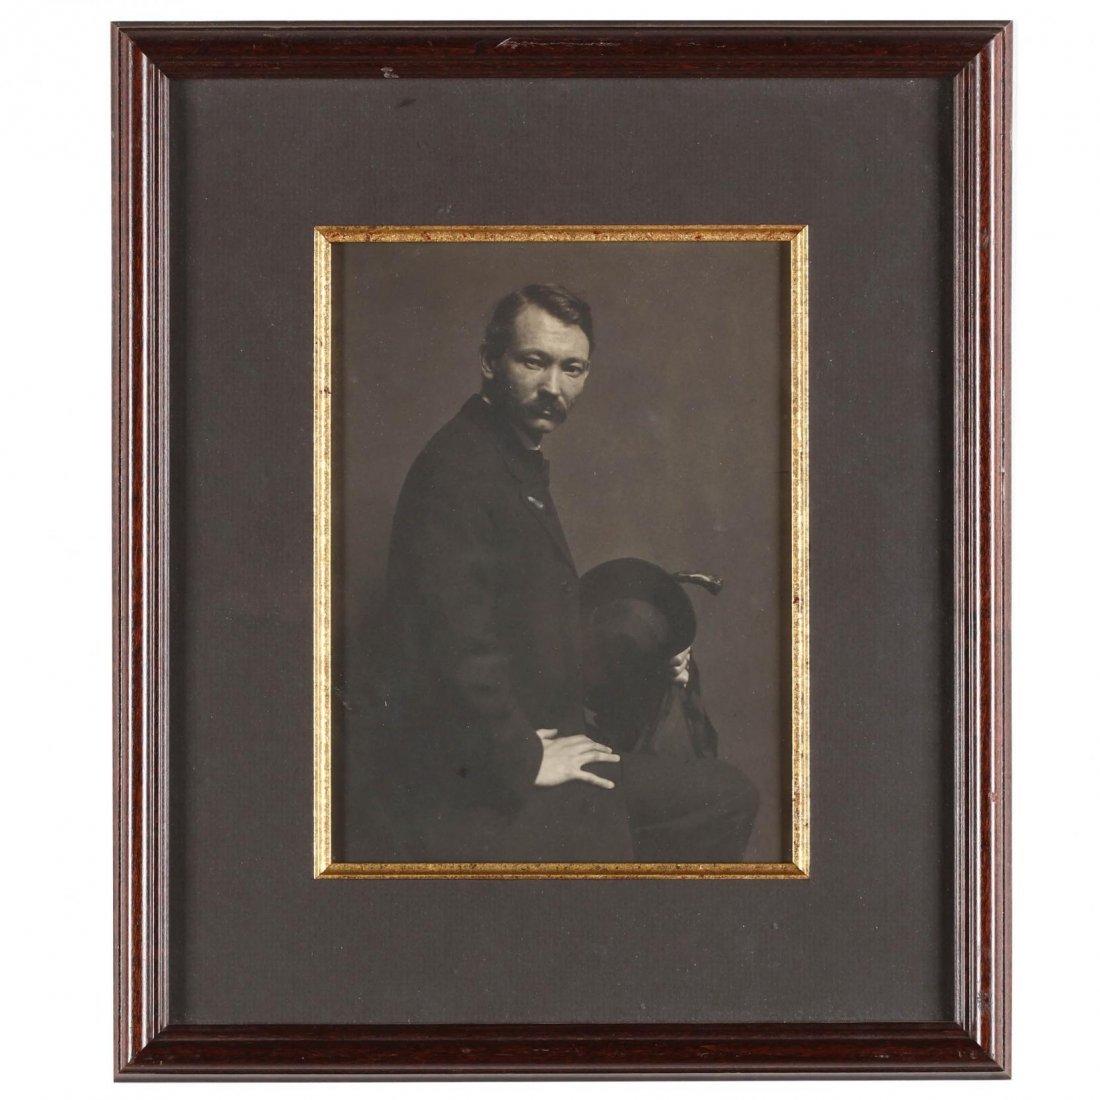 Gertrude S. Käsebier (1852-1934), Portrait of Robert - 2